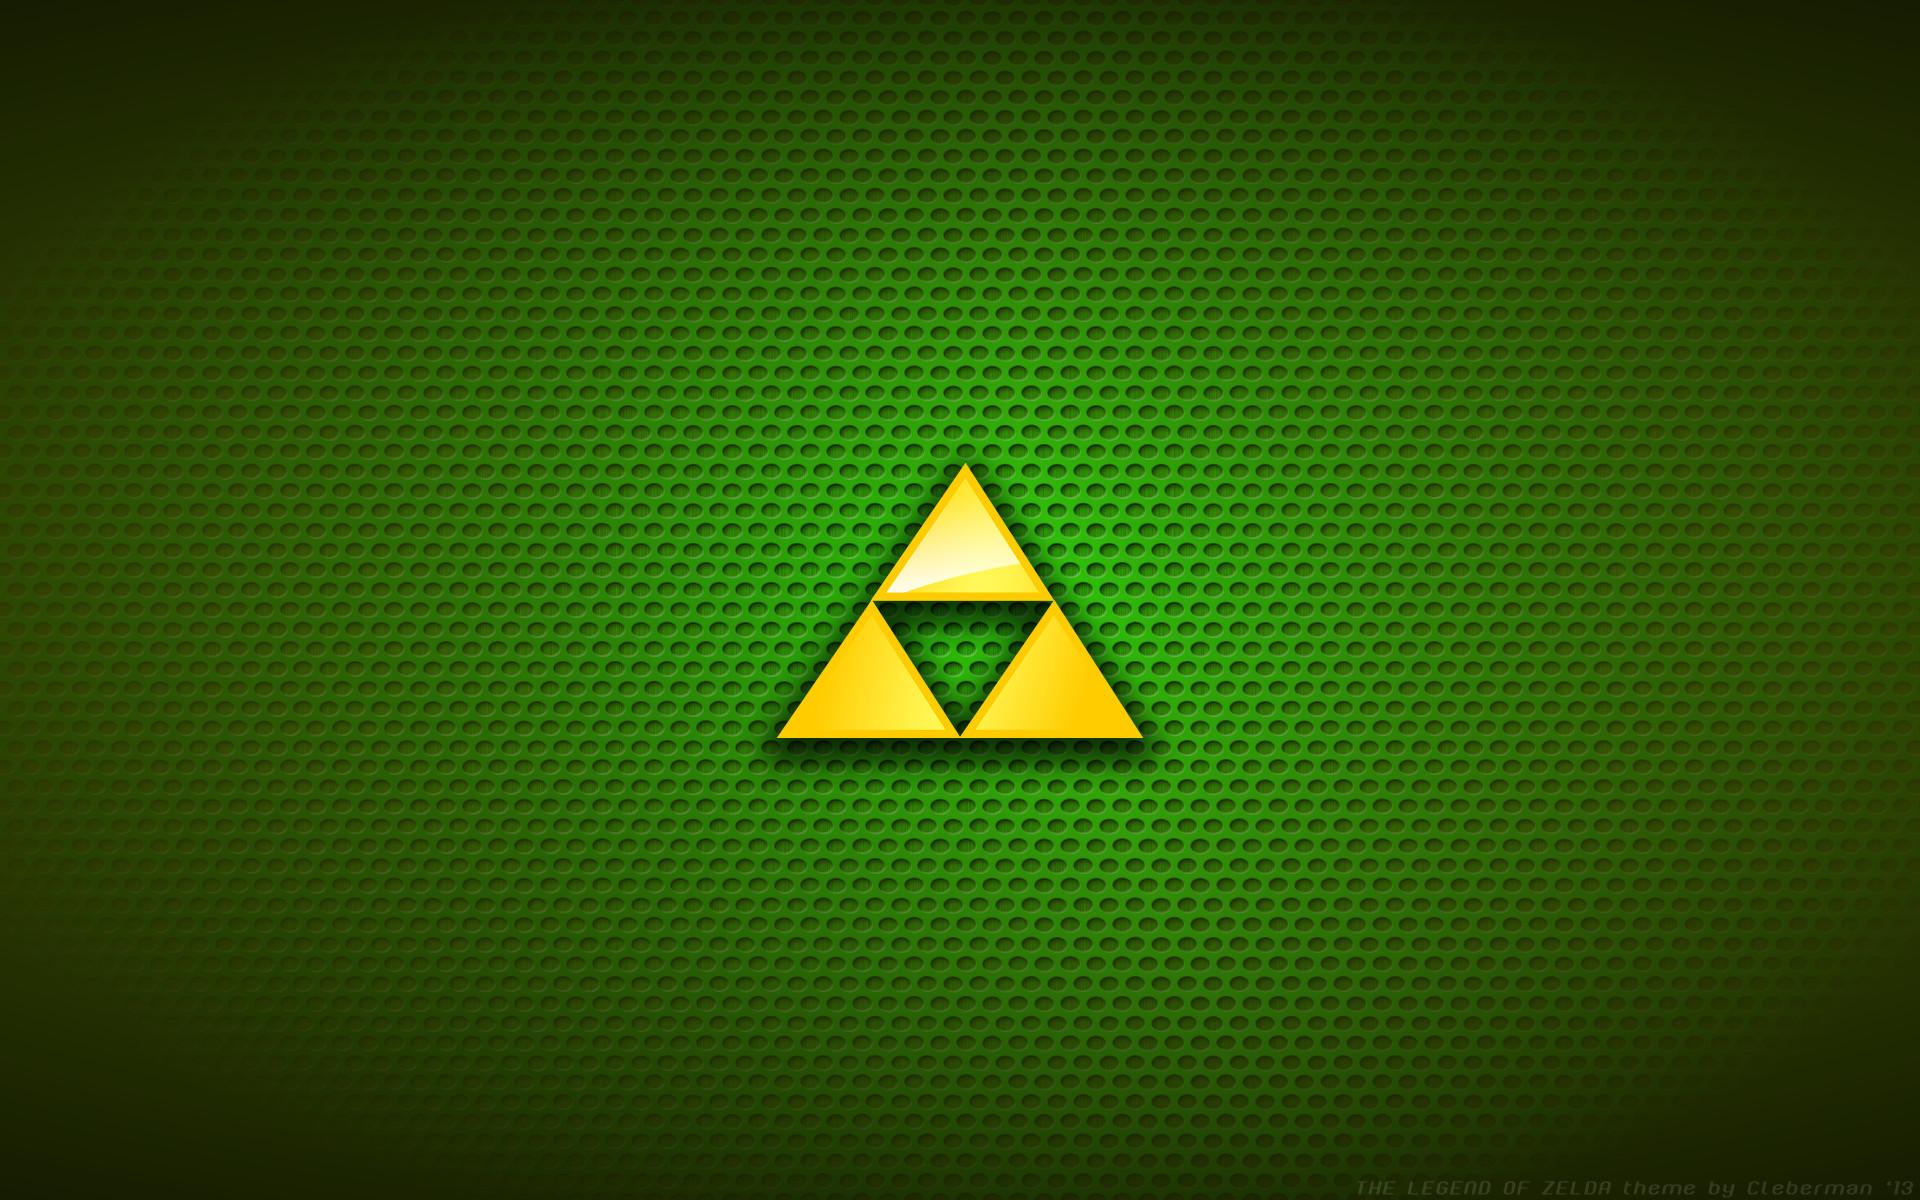 The Legend Of Zelda Retro Games Minimalism 8 Bit Wallpapers Hd